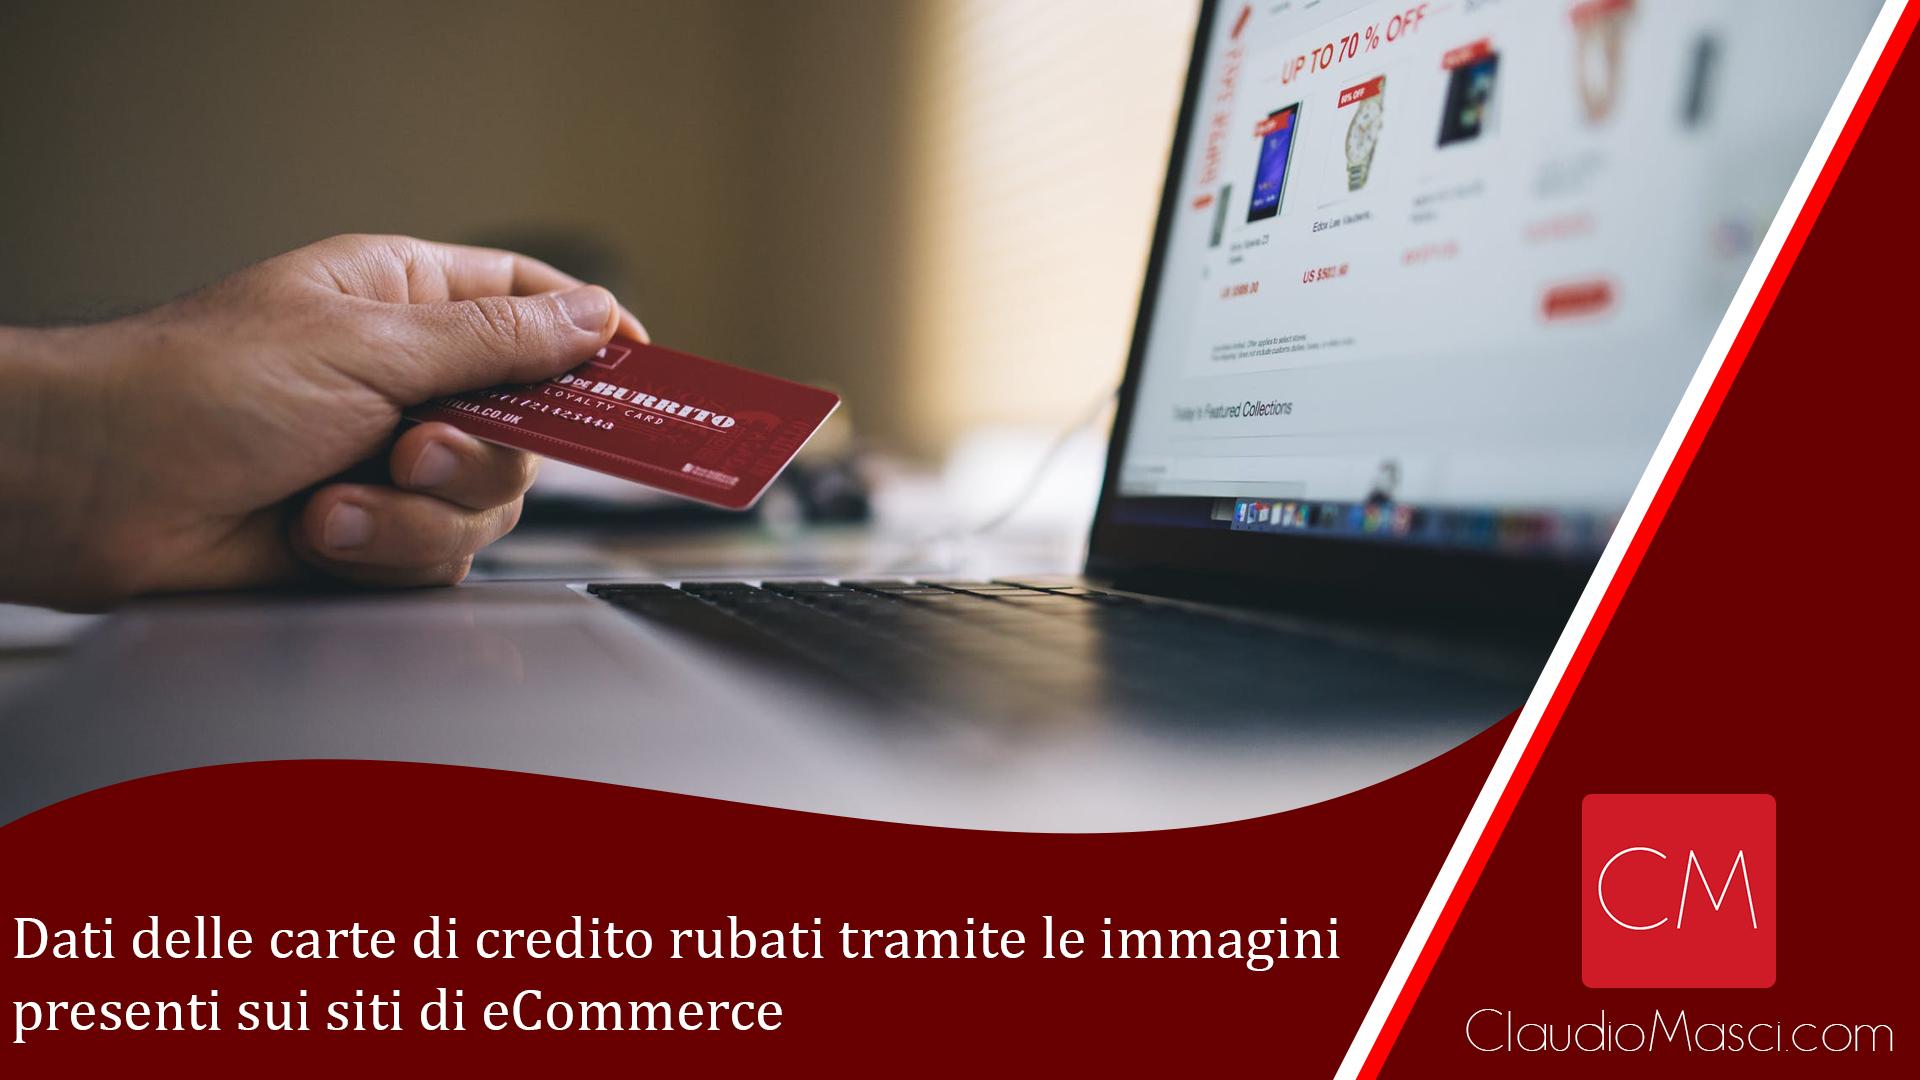 Dati delle carte di credito rubati tramite le immagini presenti sui siti di eCommerce